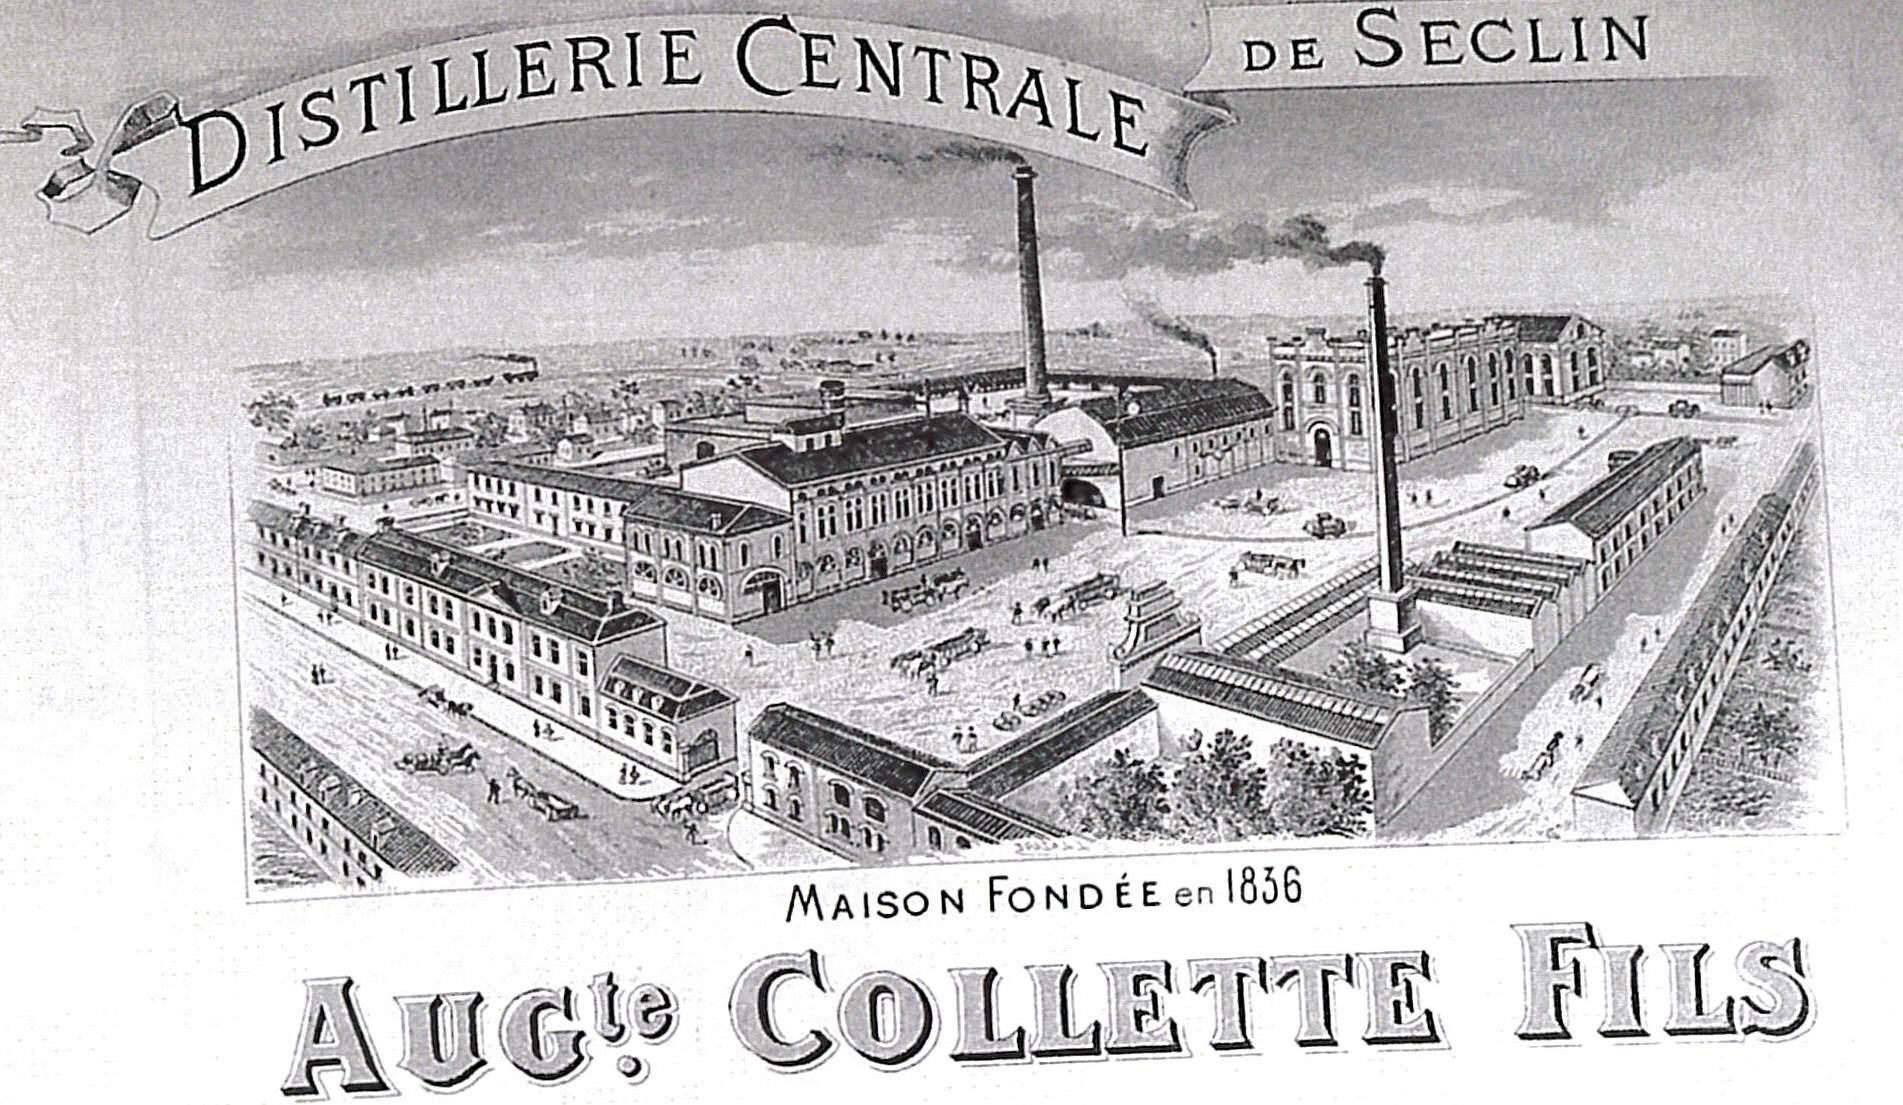 Entête figurant la distillerie Collette. Bien que très vaste, les figurations de l'usine comme celle du quartier du centre de Seclin sont peu forcées (source : livre Me Lerouge)